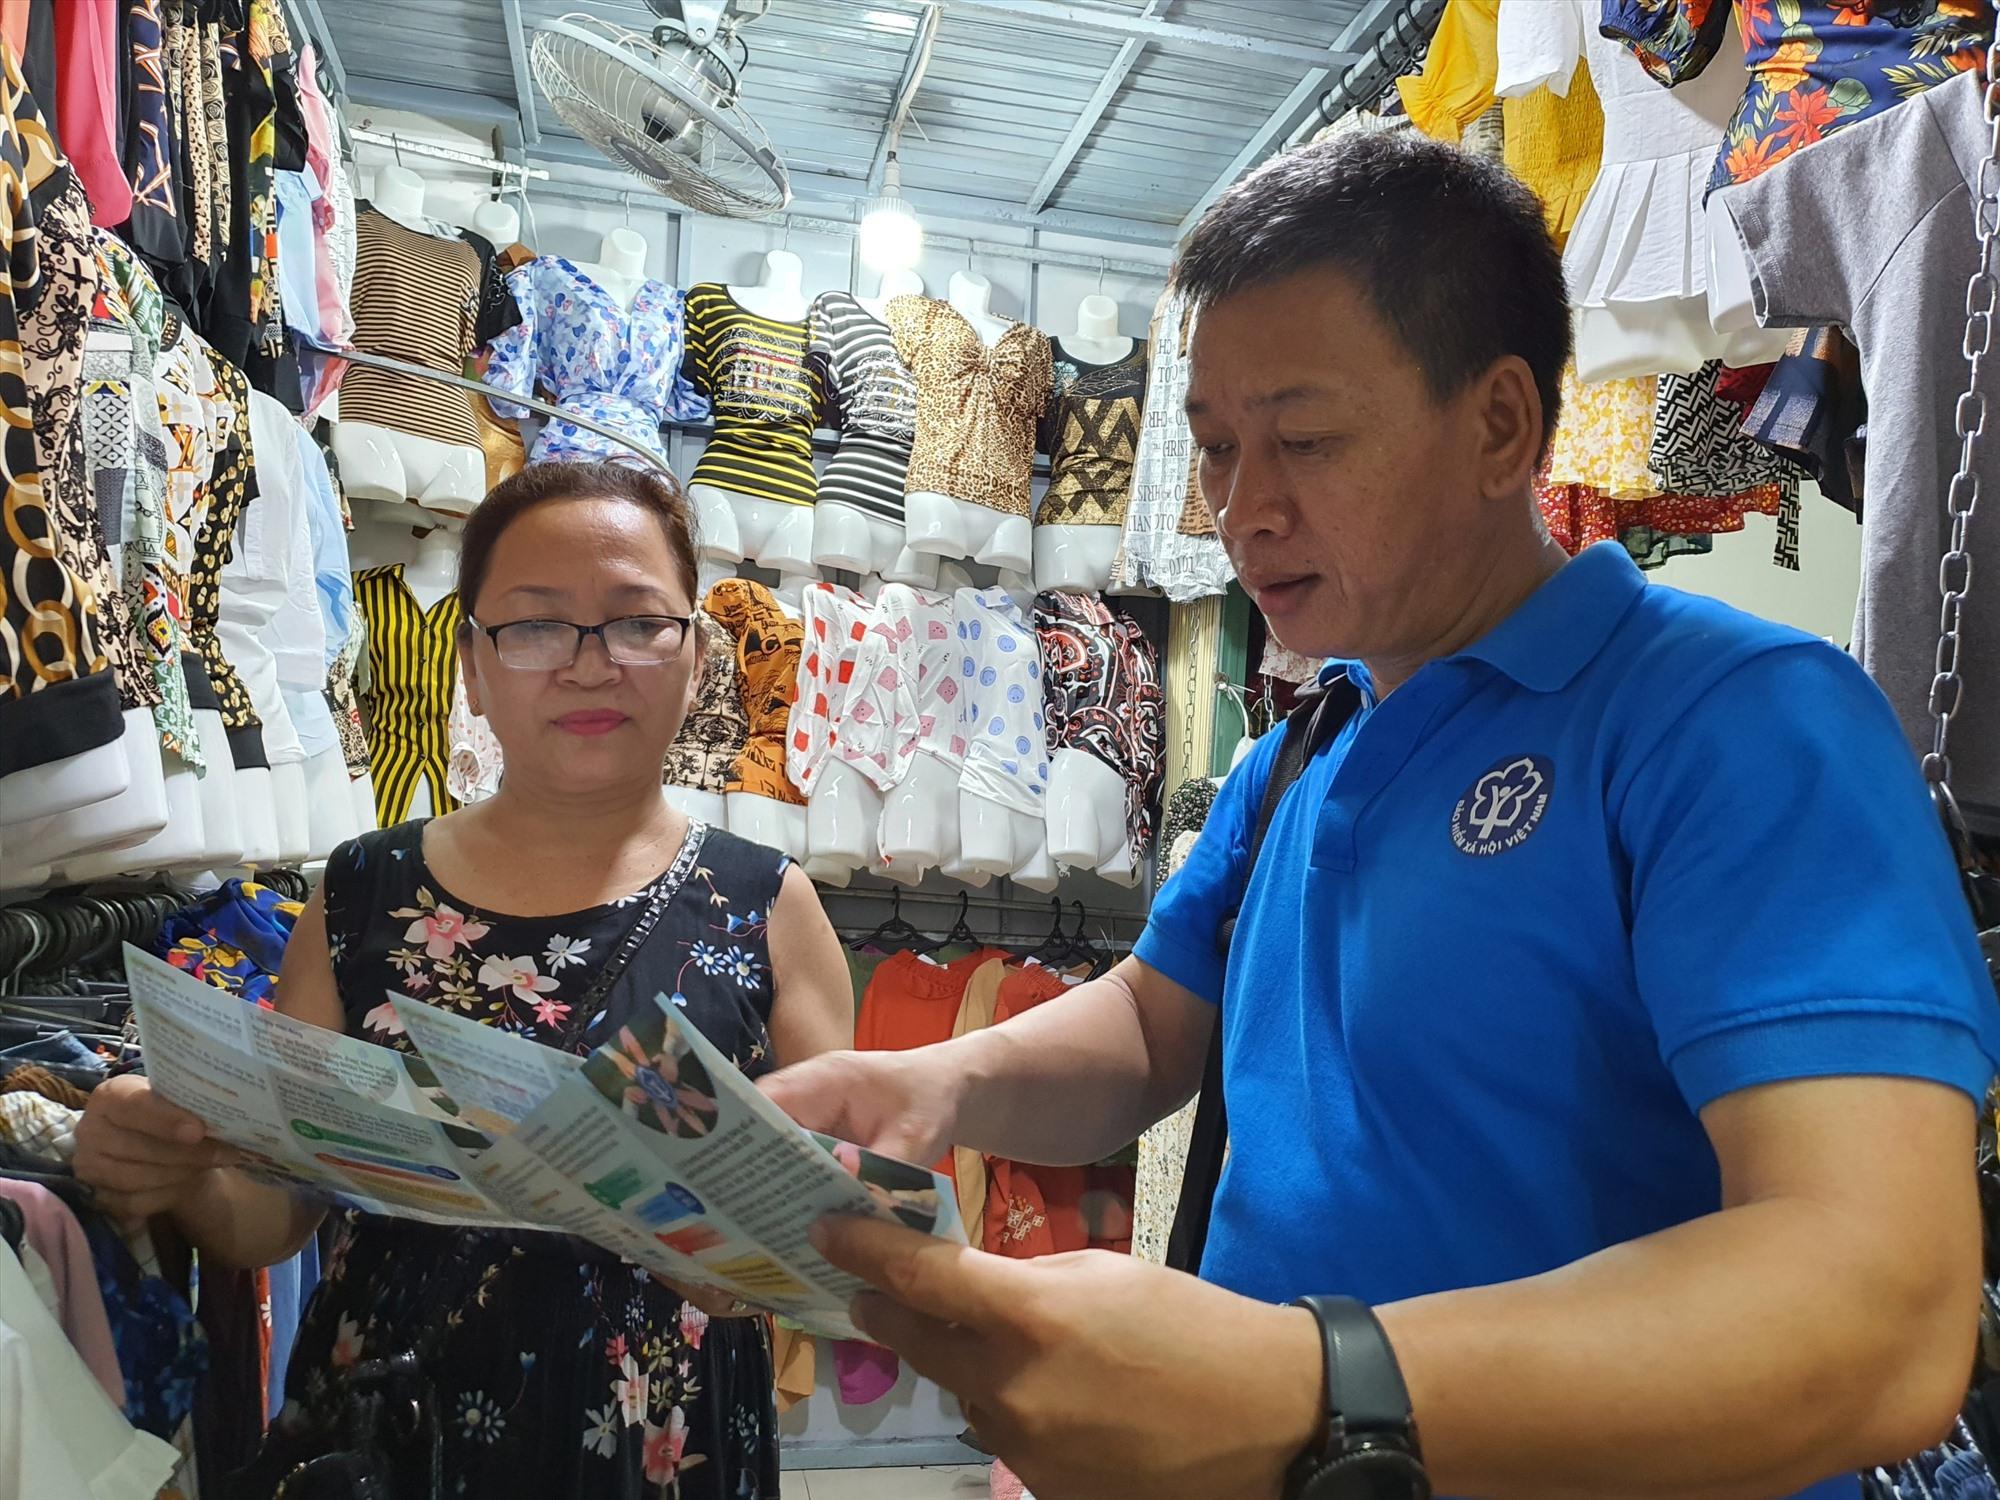 Cán bộ BHXH tỉnh tuyên truyền chính sách BHXH tự nguyện cho các tiểu thương chợ Tam Kỳ. Ảnh: H.Q